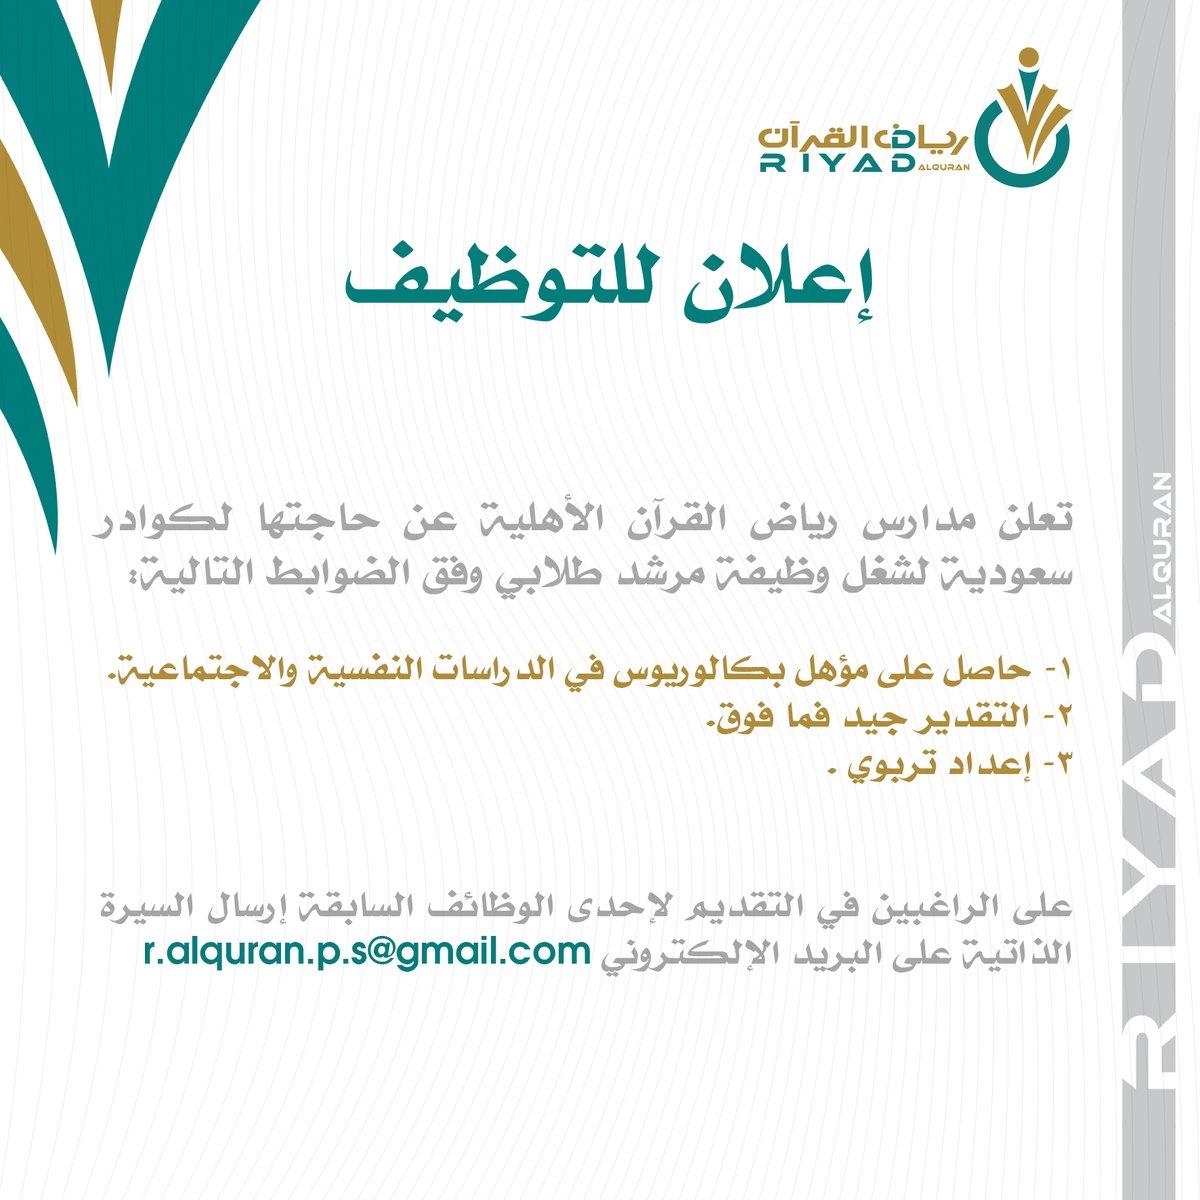 تعلن ( مدارس رياض القرآن ) فى #جدة عن حاجتها الي   مرشد طلابي   #وظائف_جدة #جدة_اليوم #وظائف_شاغرة #وظائف #توظيف #وظيفة